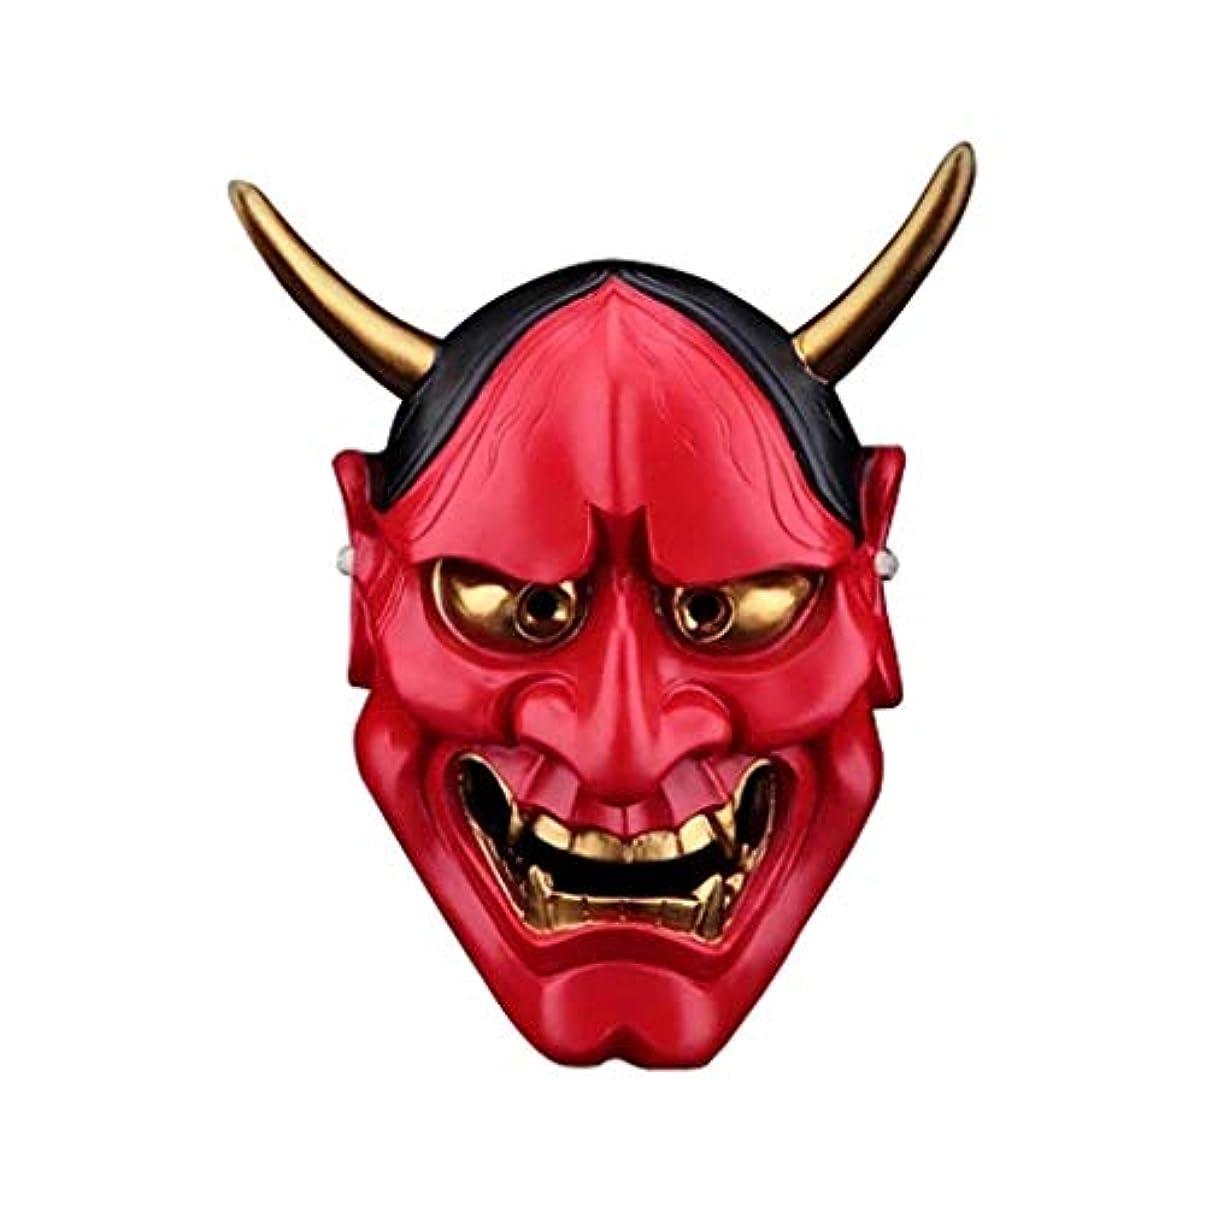 緩める認証セールハロウィンホラーマスク、成人用樹脂マスクデコレーション (Color : SILVER)